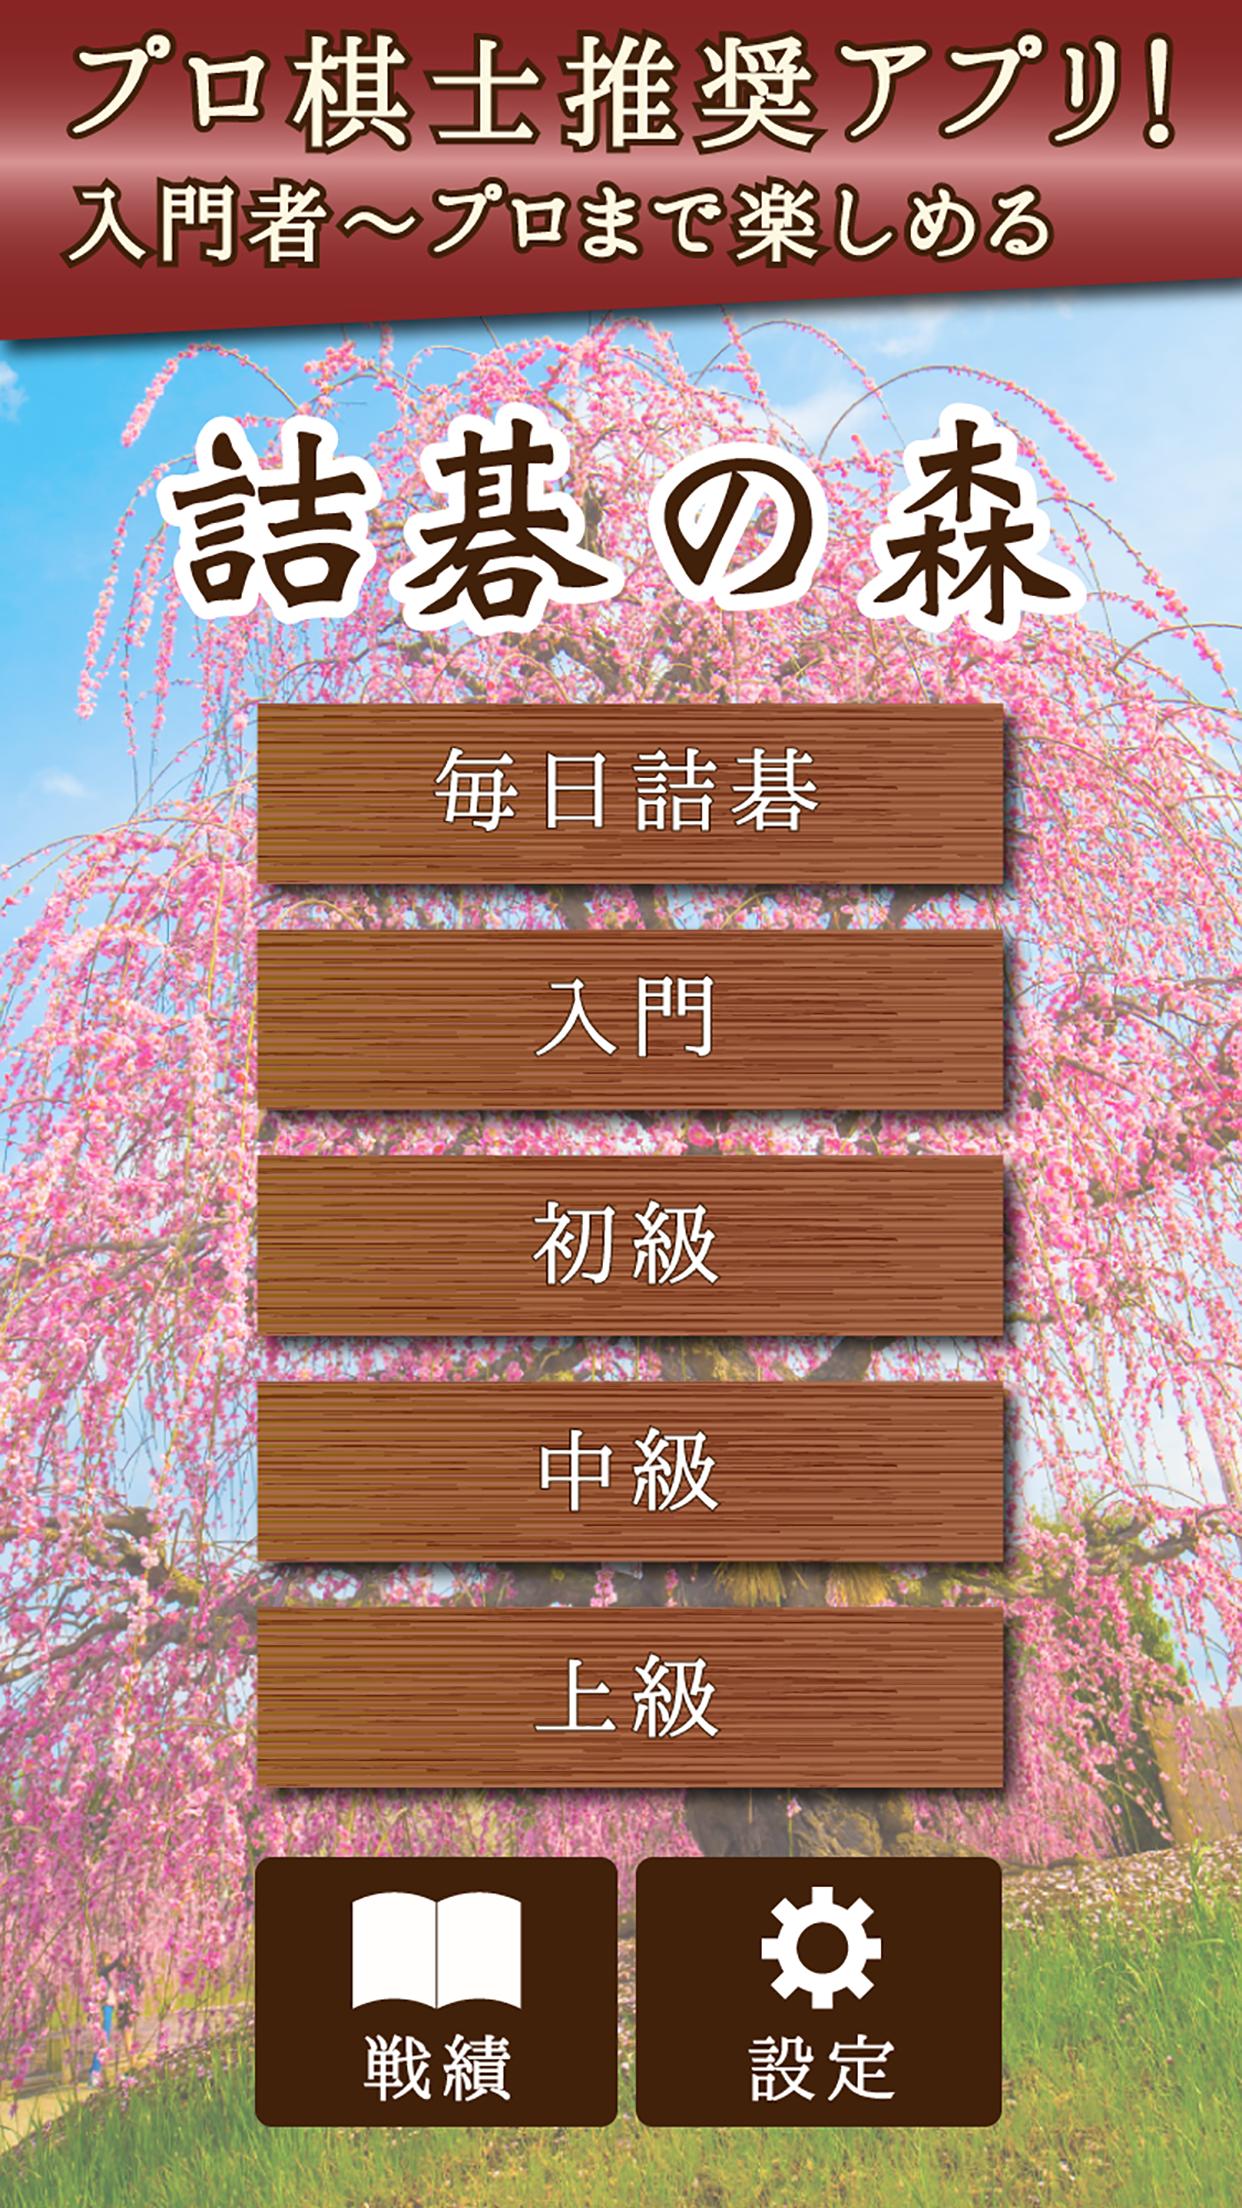 screenshot_spring.png